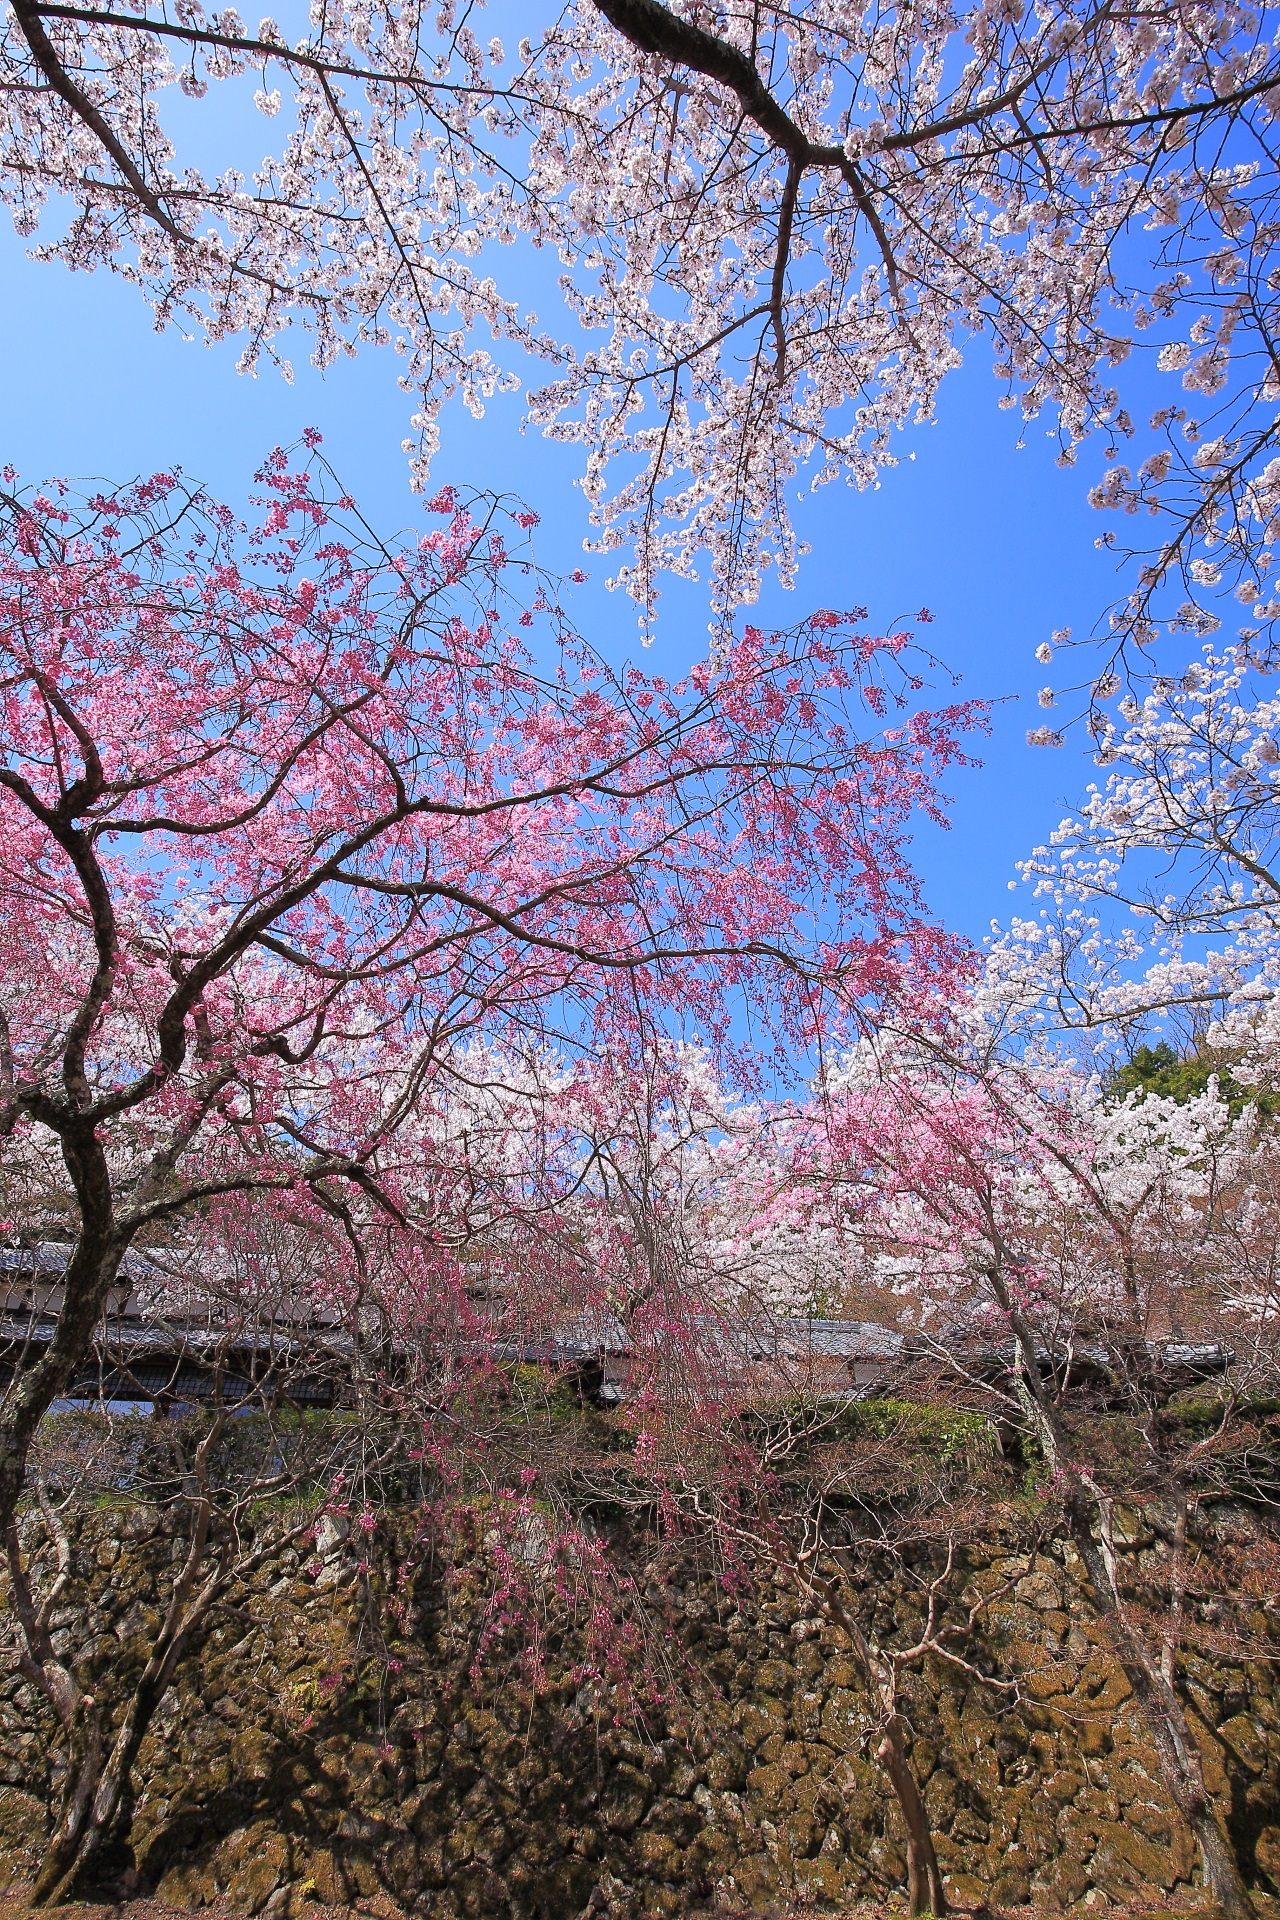 勝持寺の鮮やかなしだれ桜と華やかなソメイヨシノ